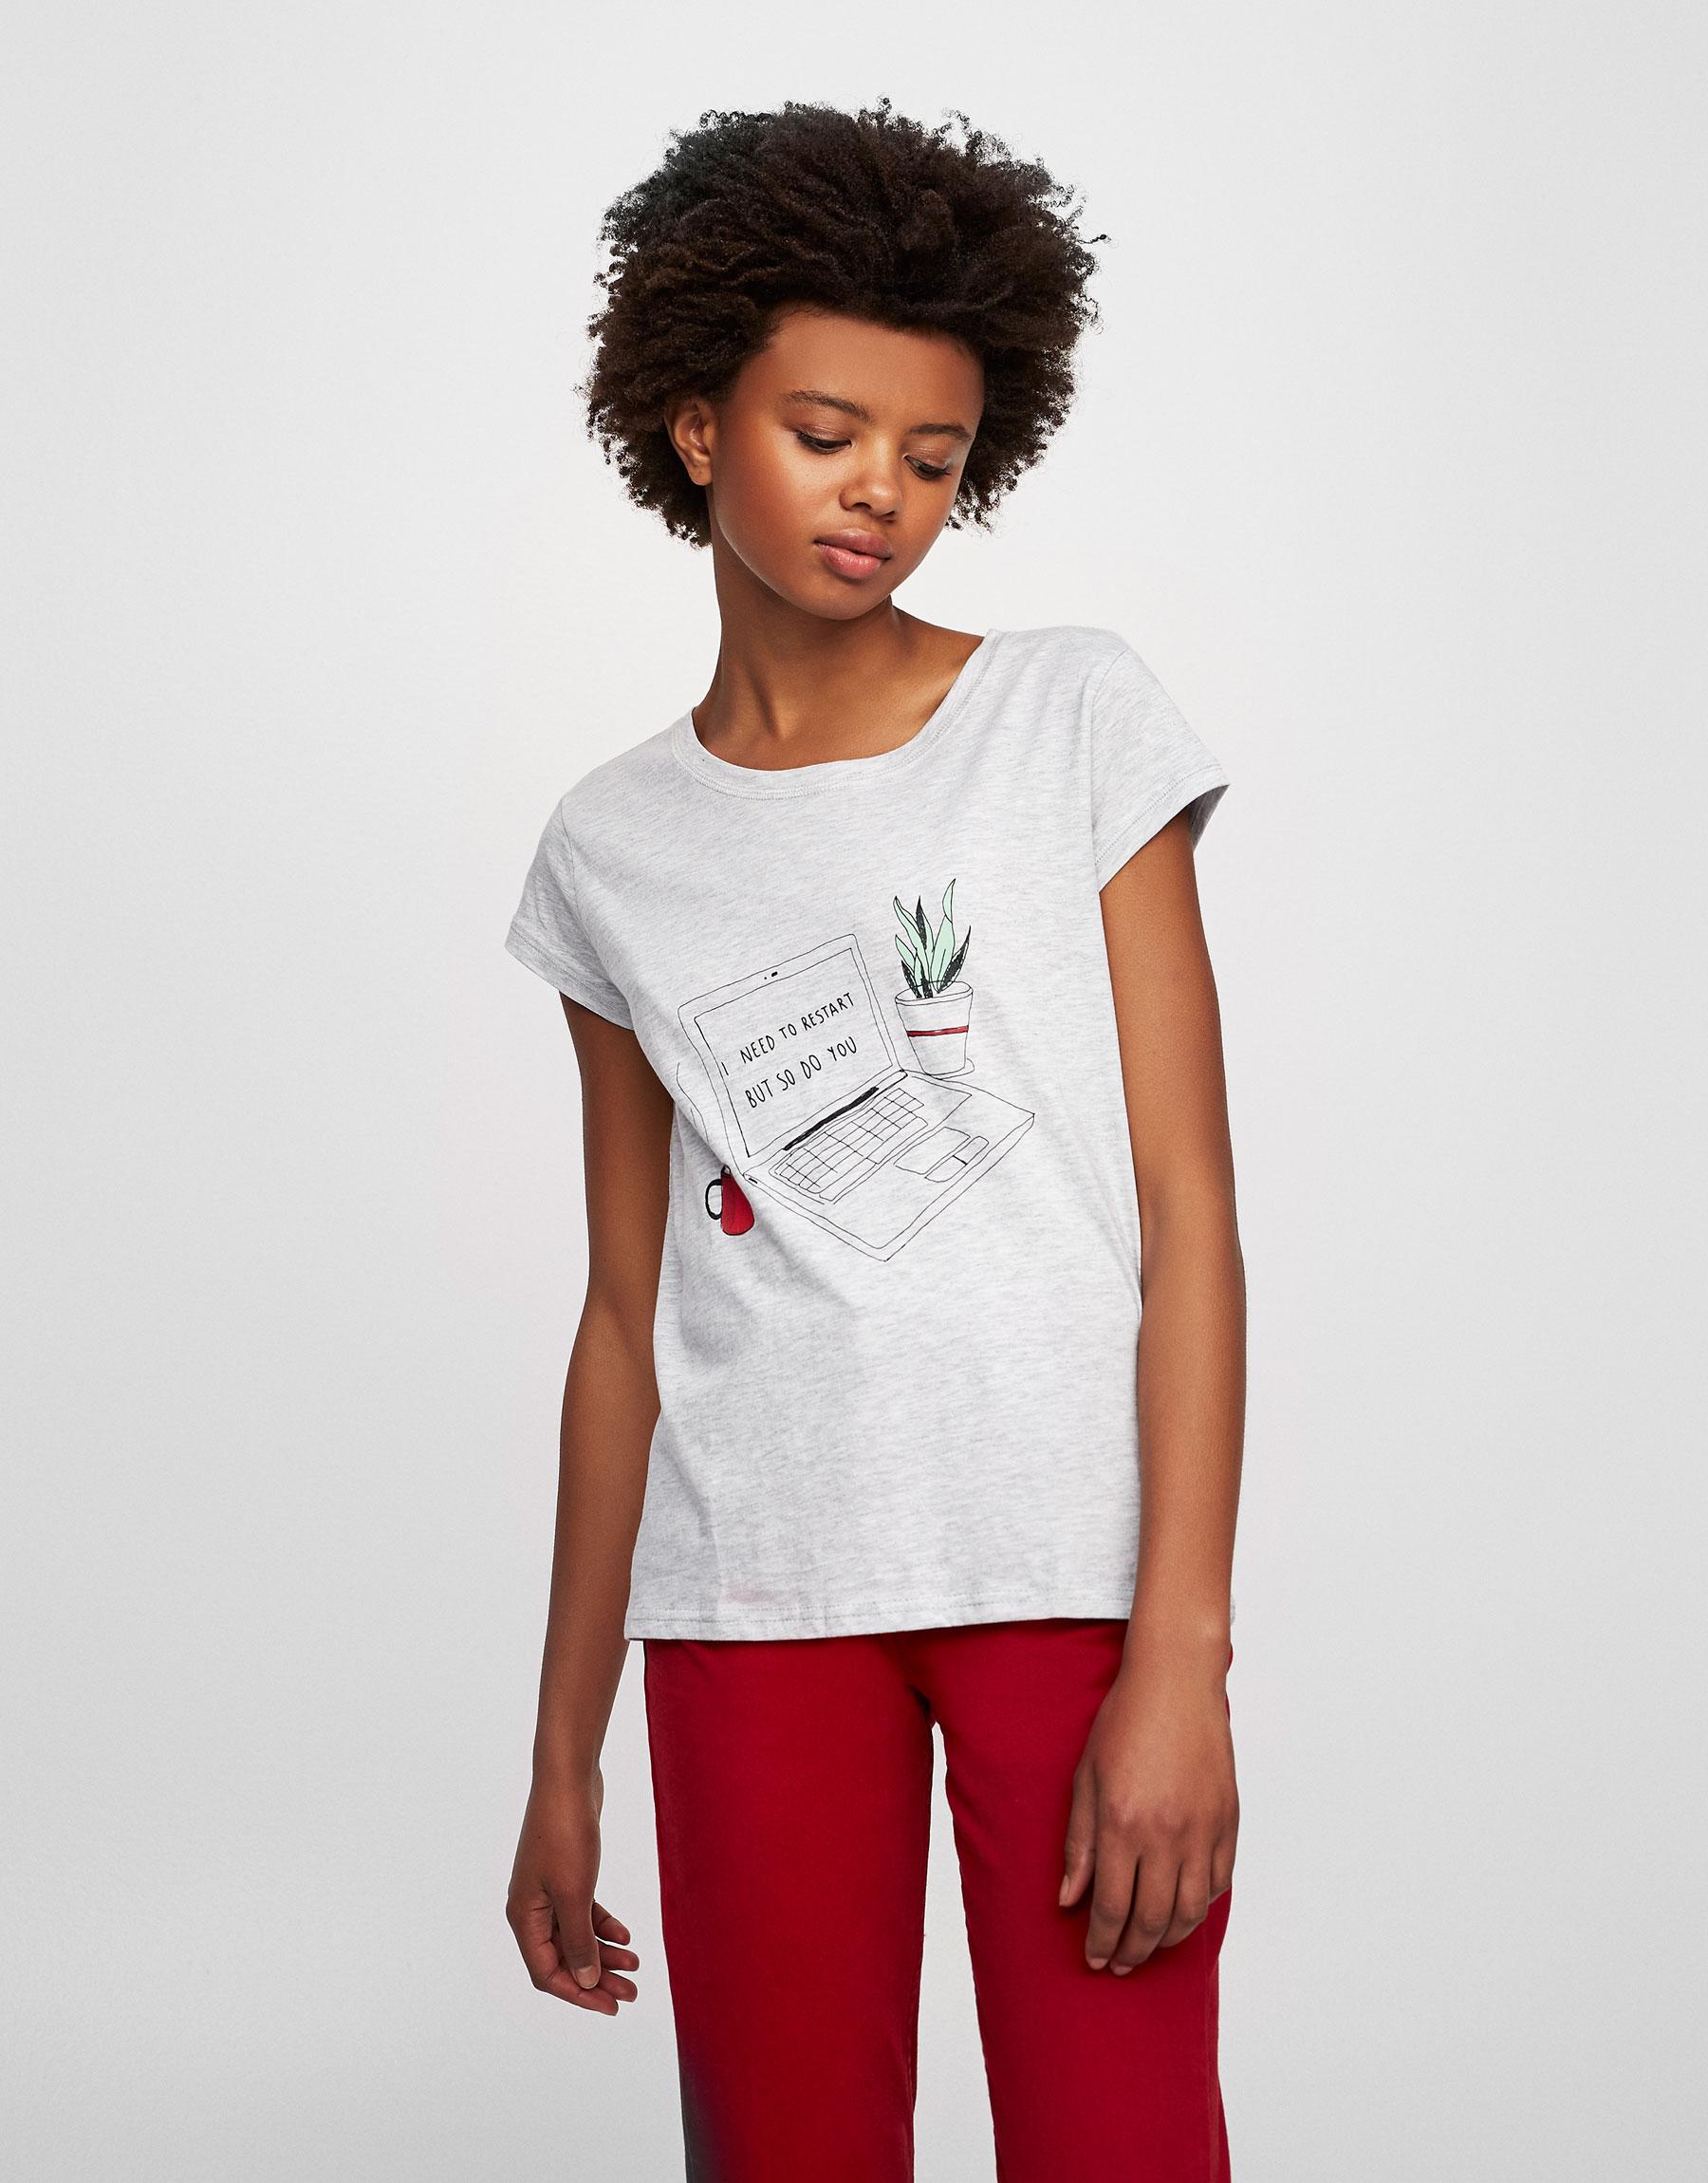 T-shirt com ilustração de computador